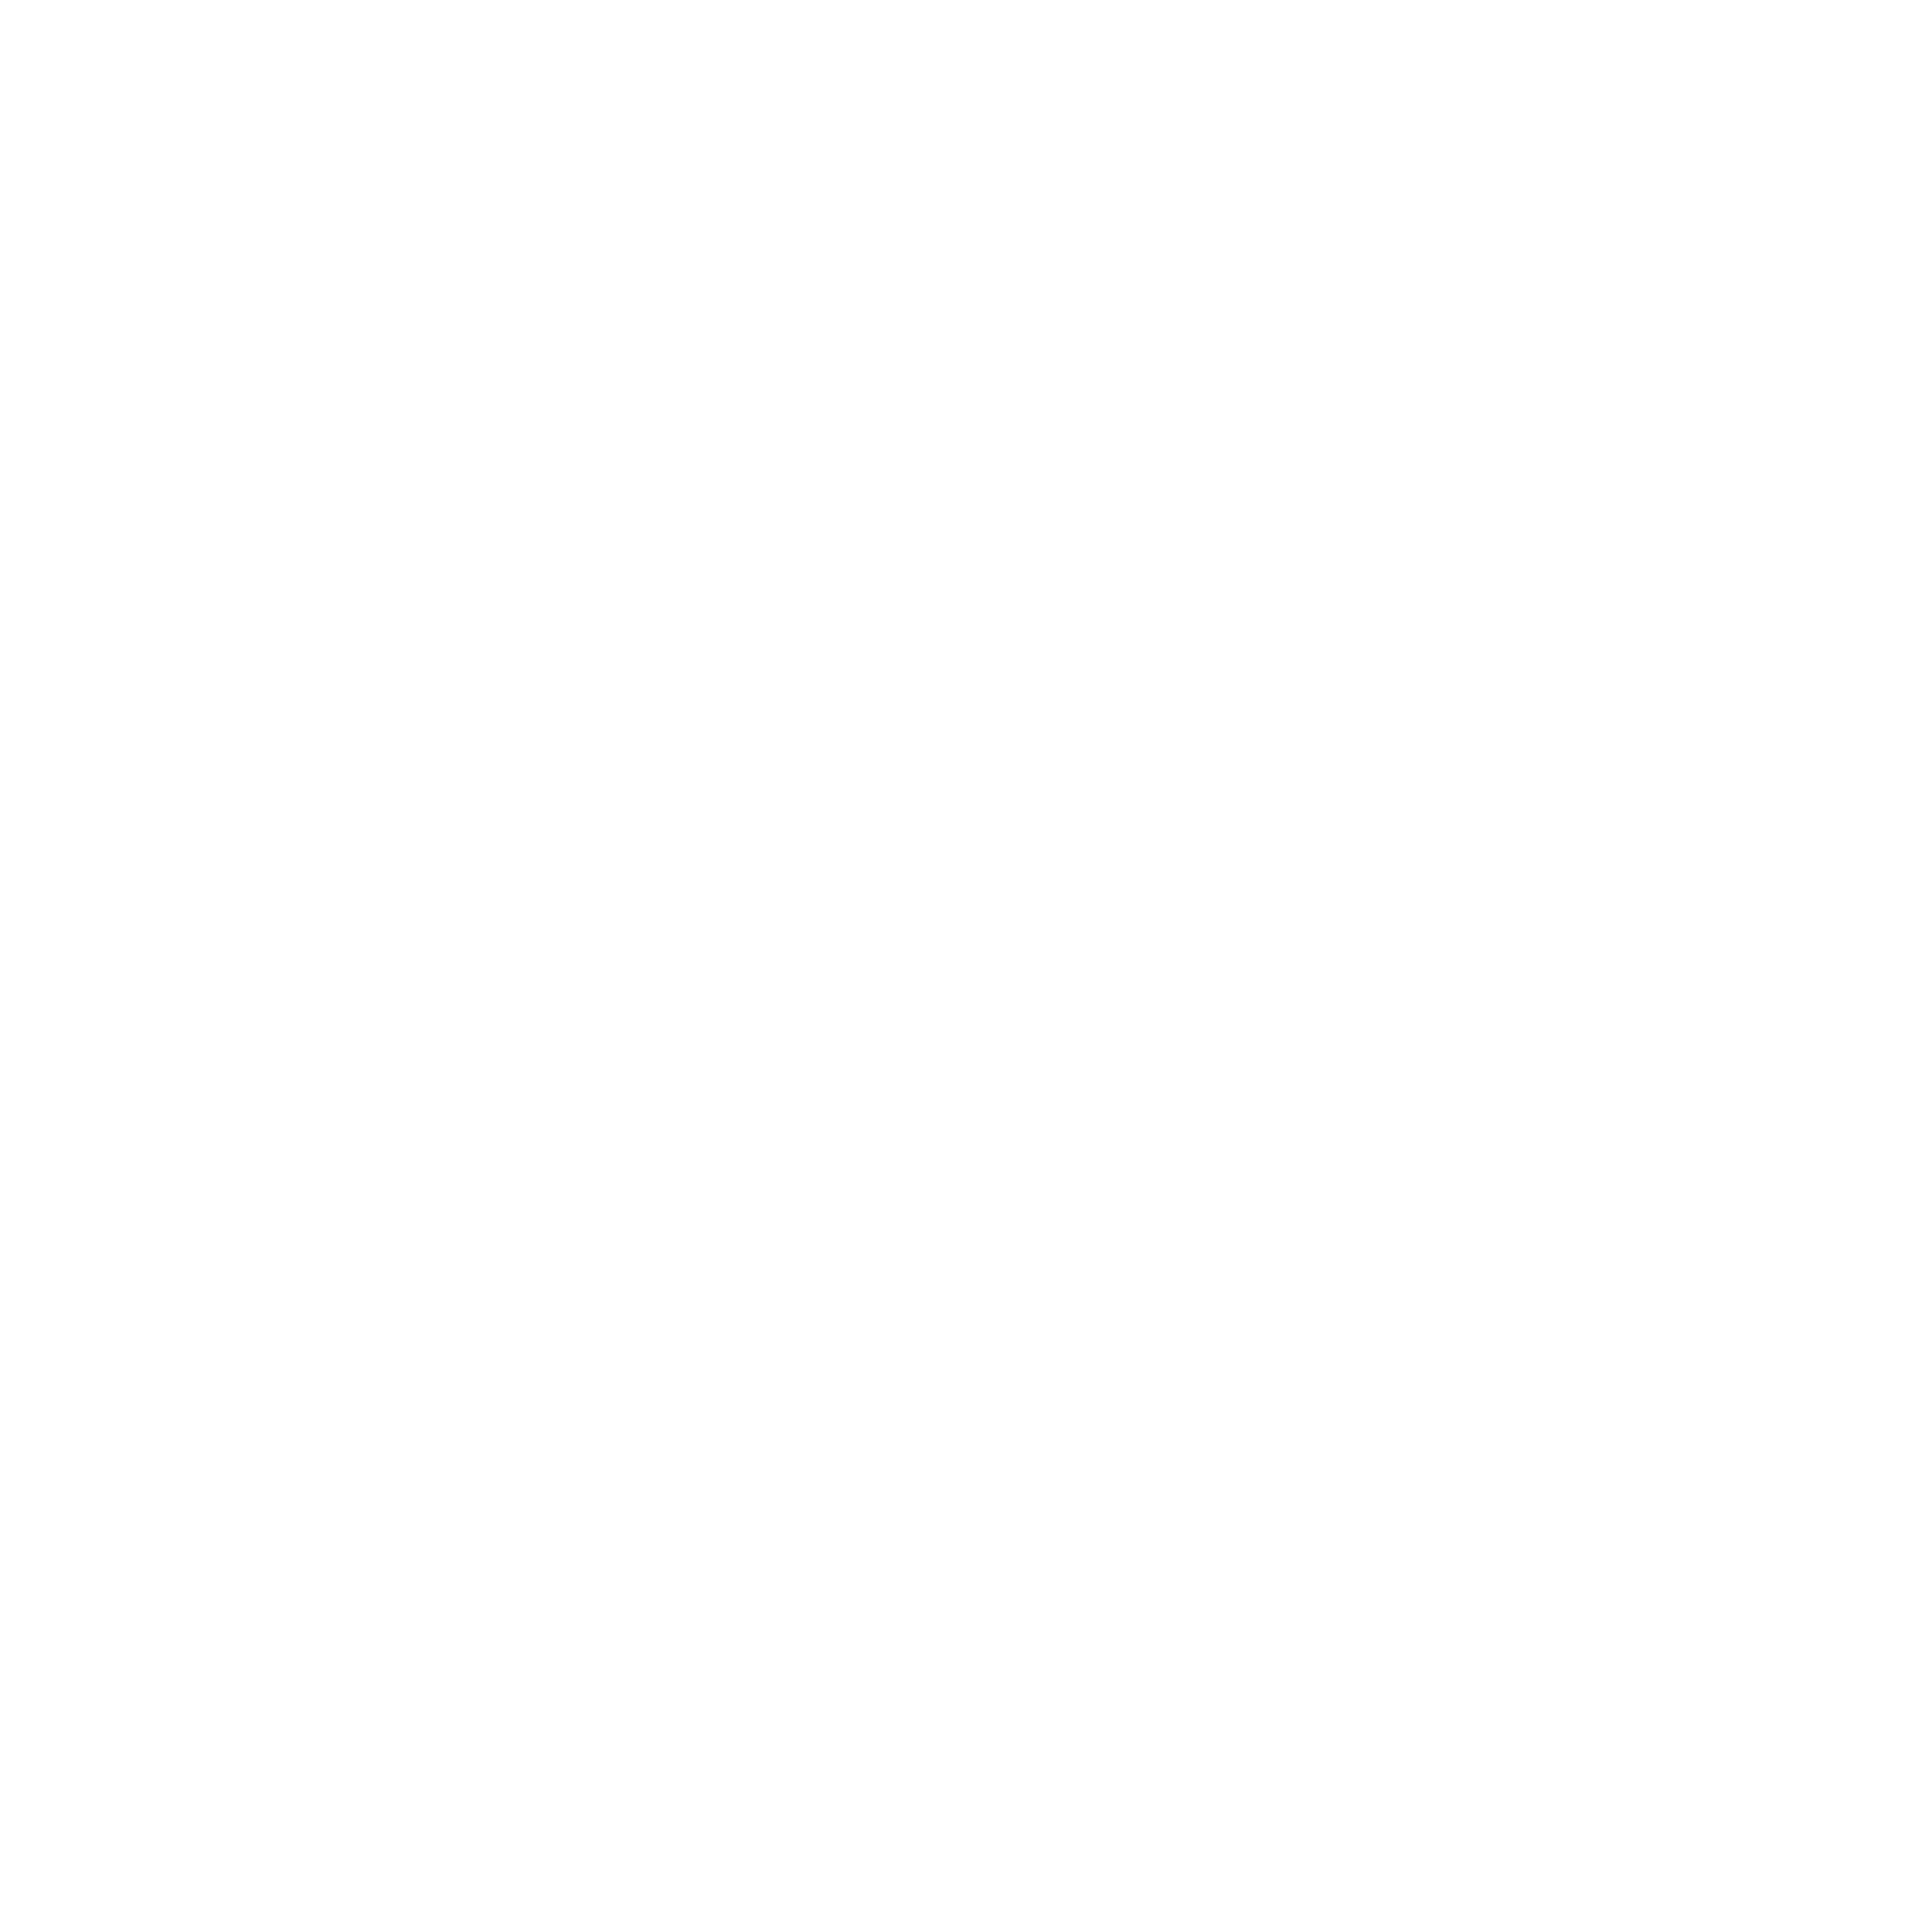 UNICA TOP РОЗЕТКА с заземлением, со шторками, 16 А, 250 В, АЛЮМИНИЙ